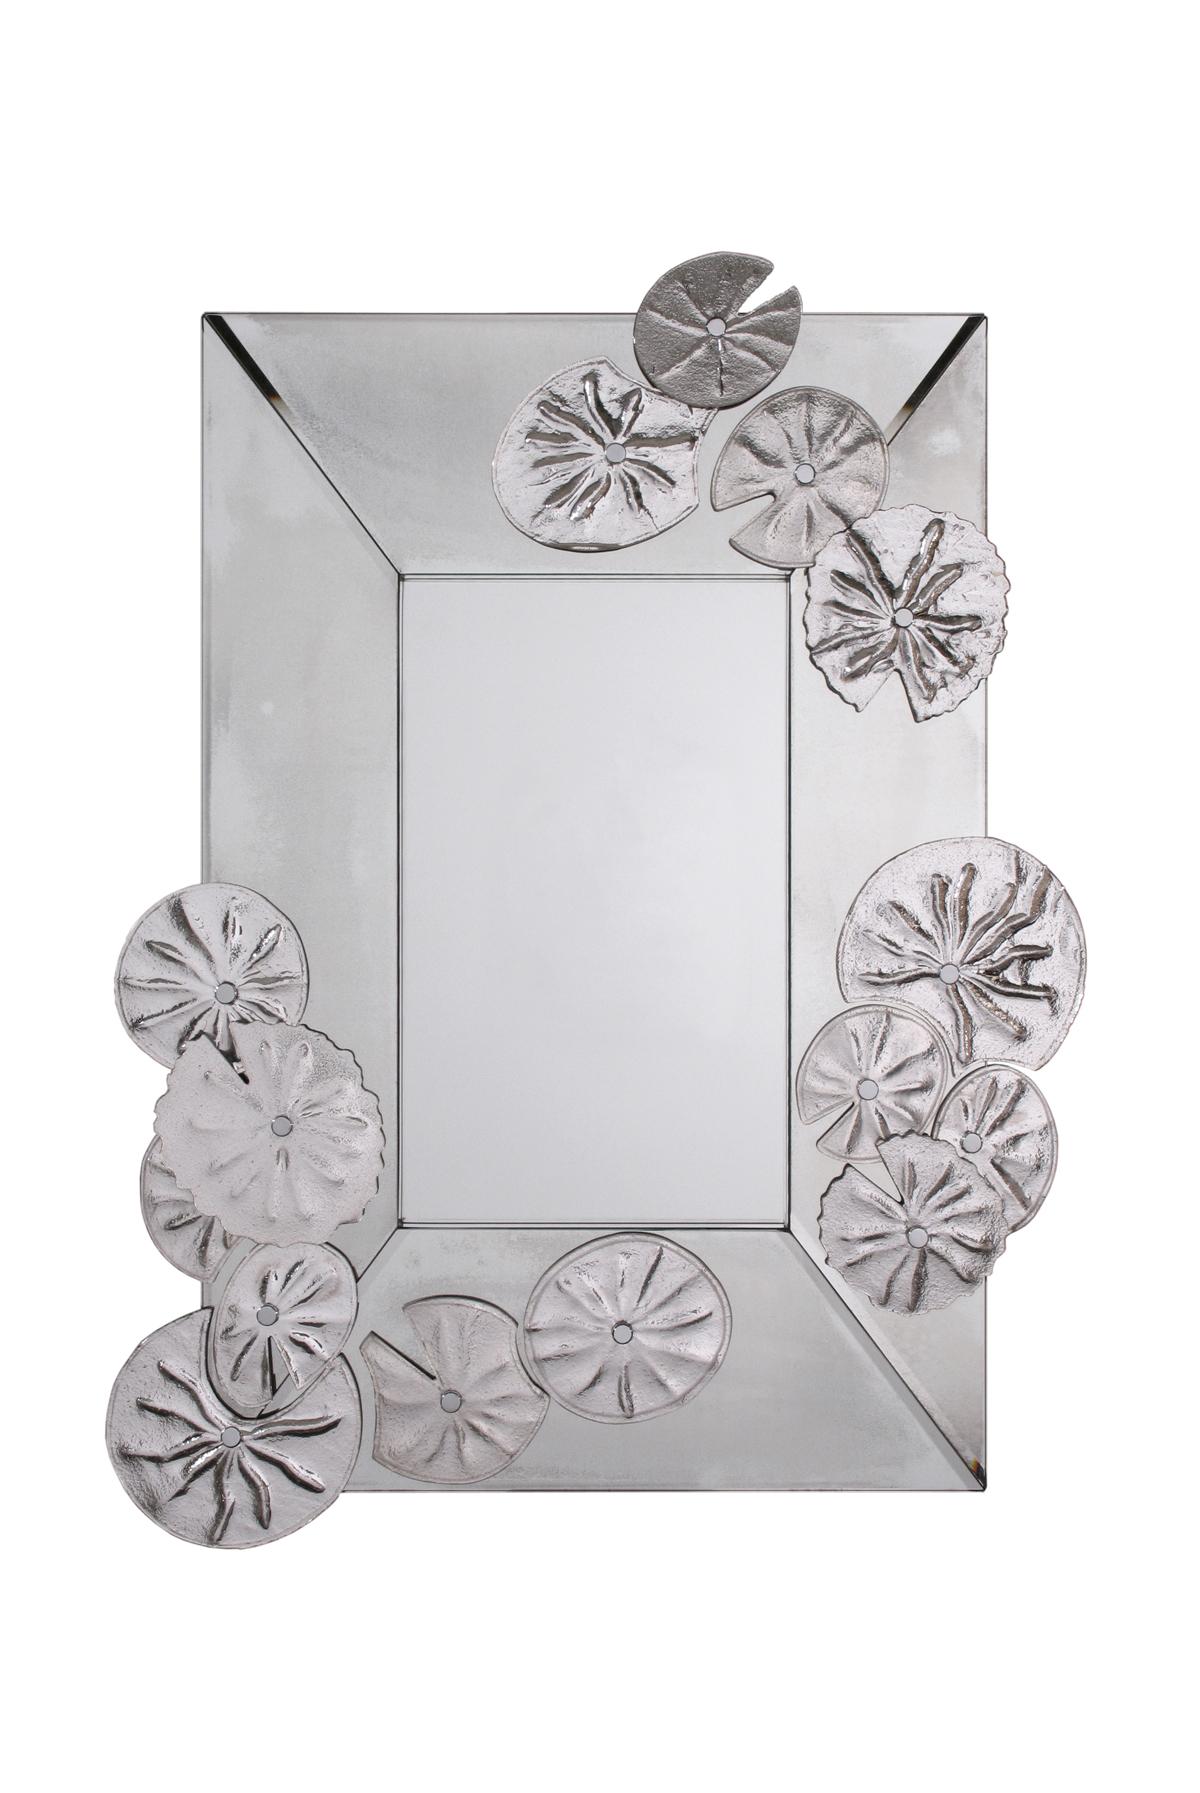 nympheas-miroir-mirror-ute-wegener-didier-masquida-veronese-1.jpg